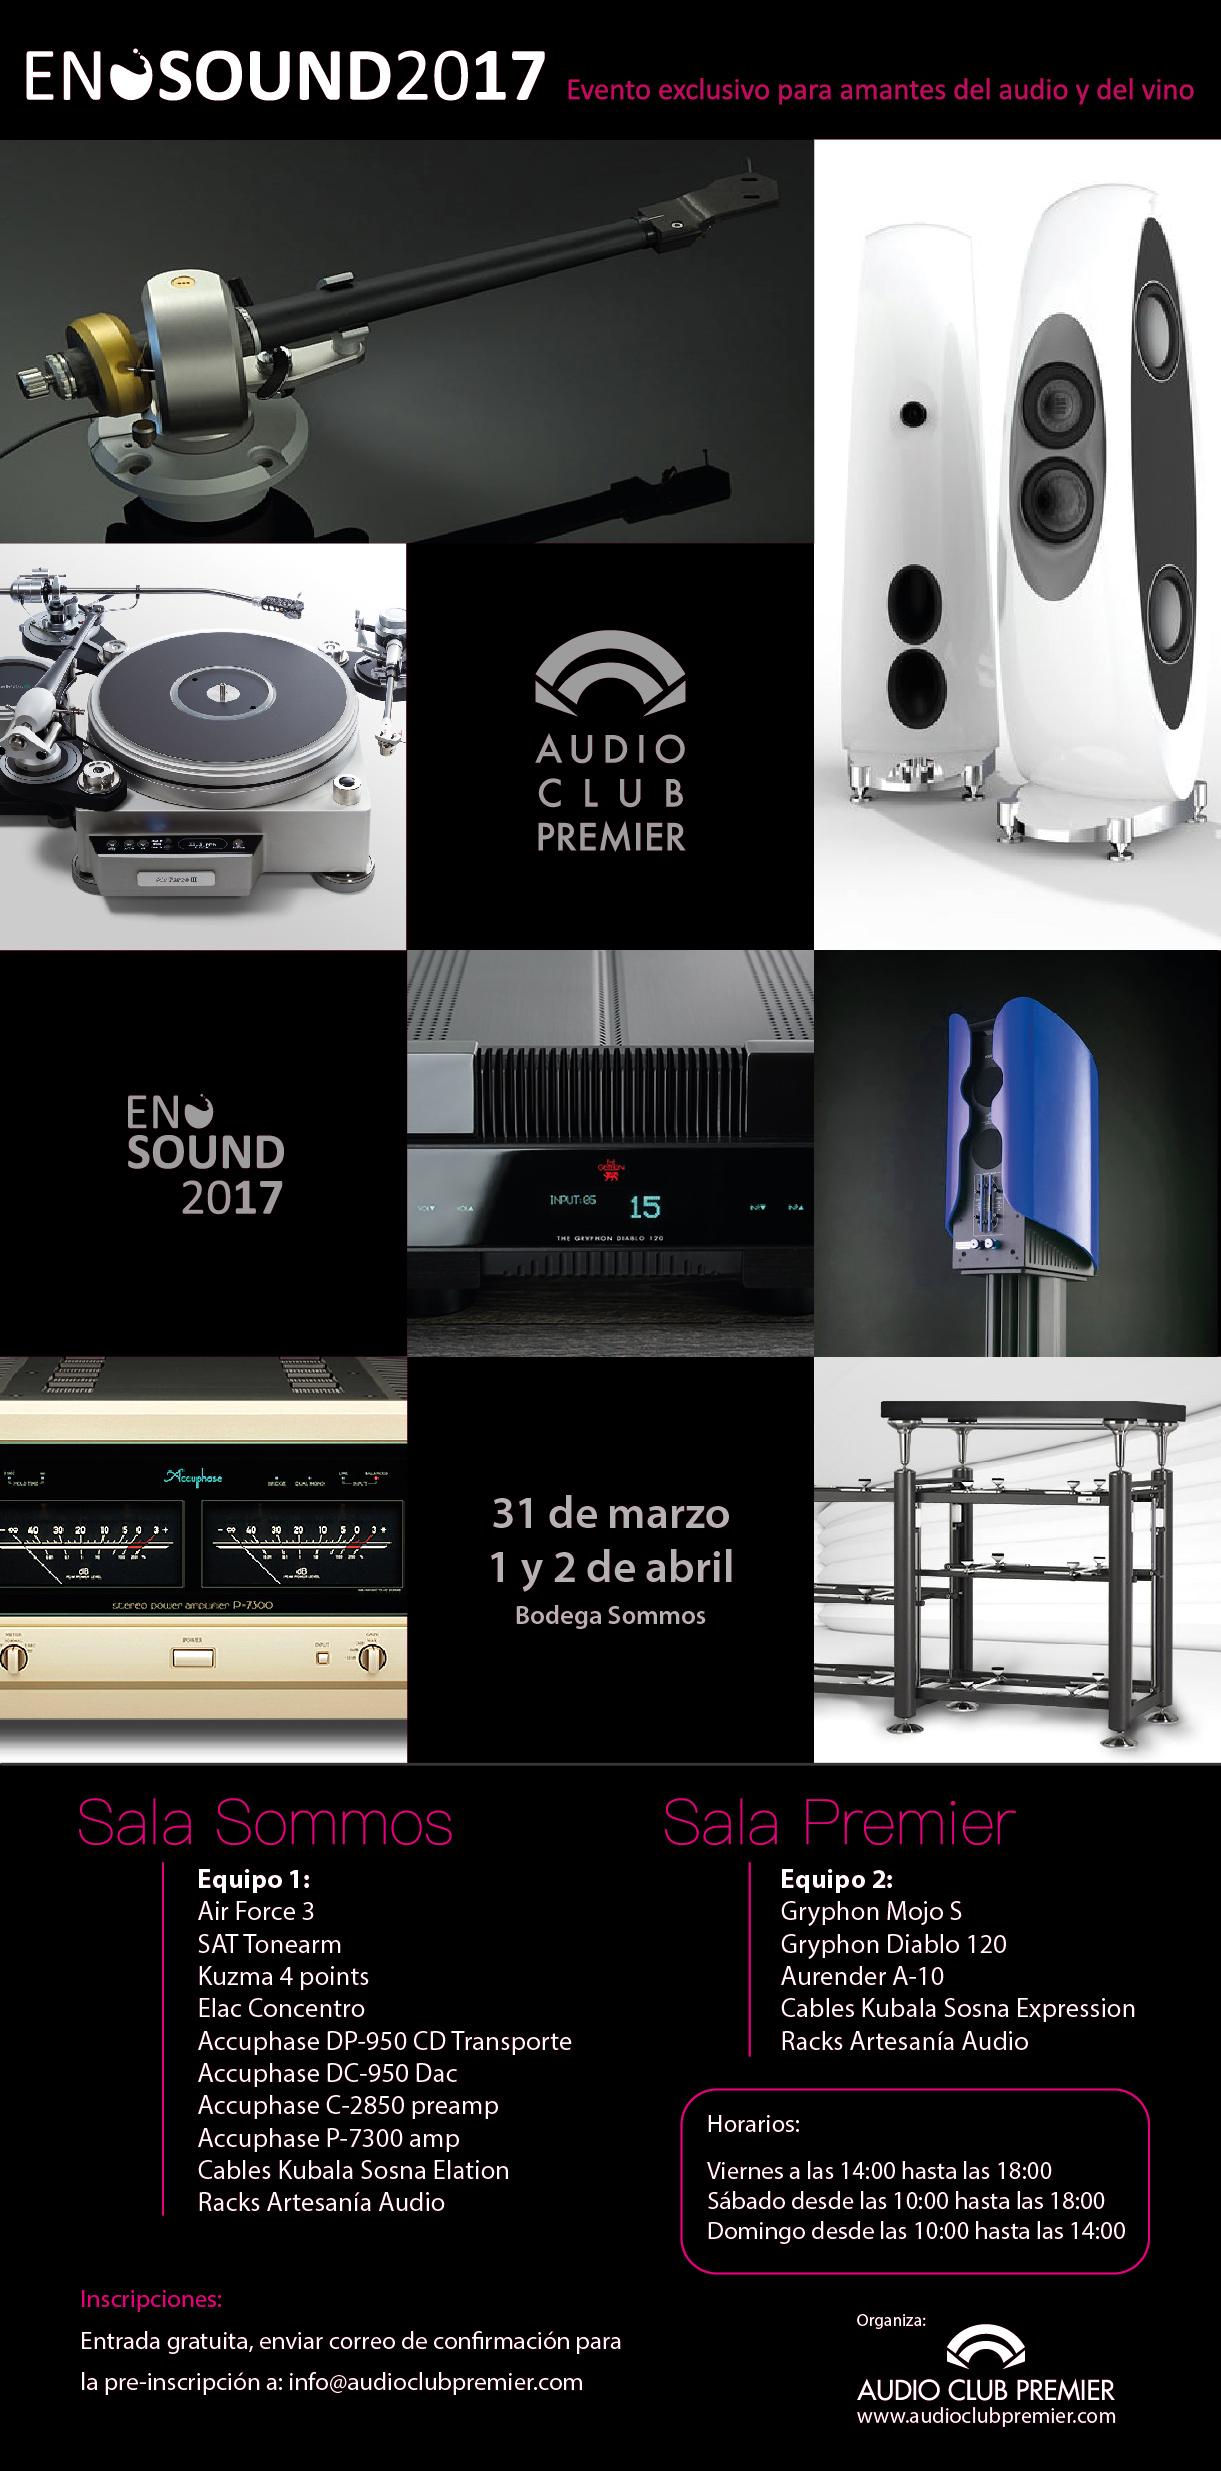 Enosound 2017